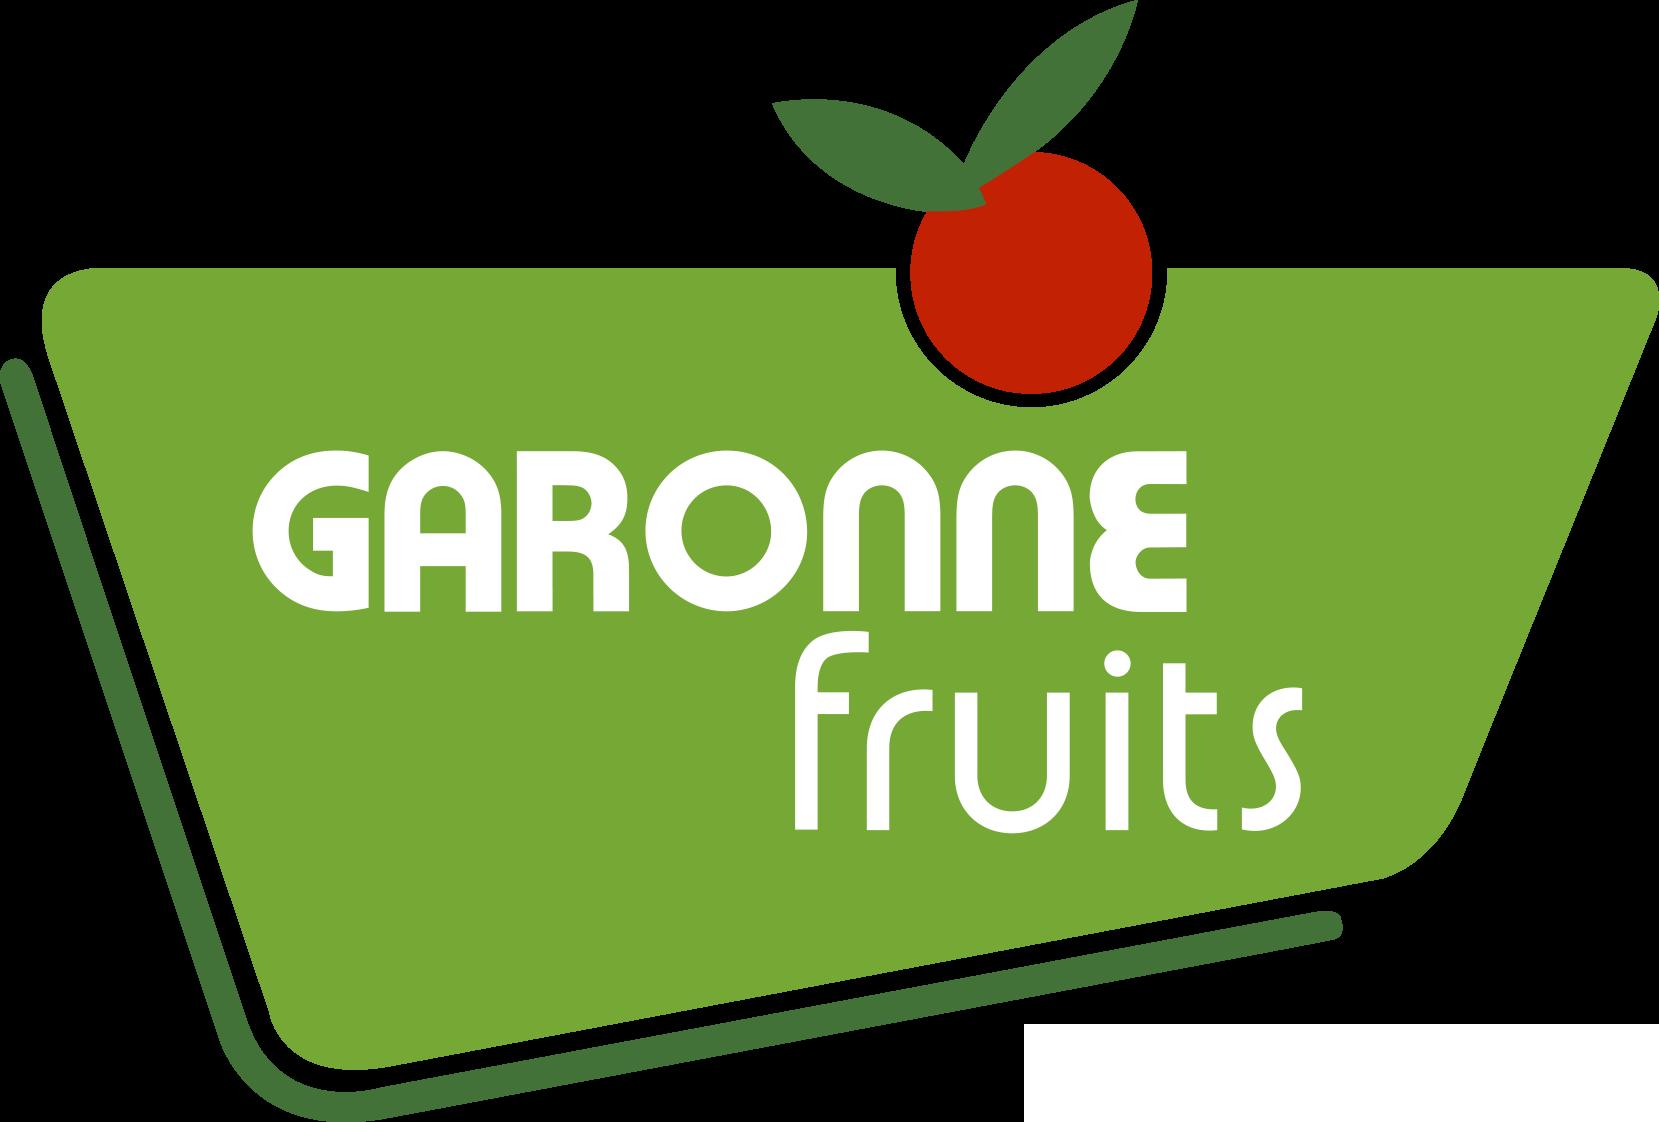 GaronneFruits_RVB